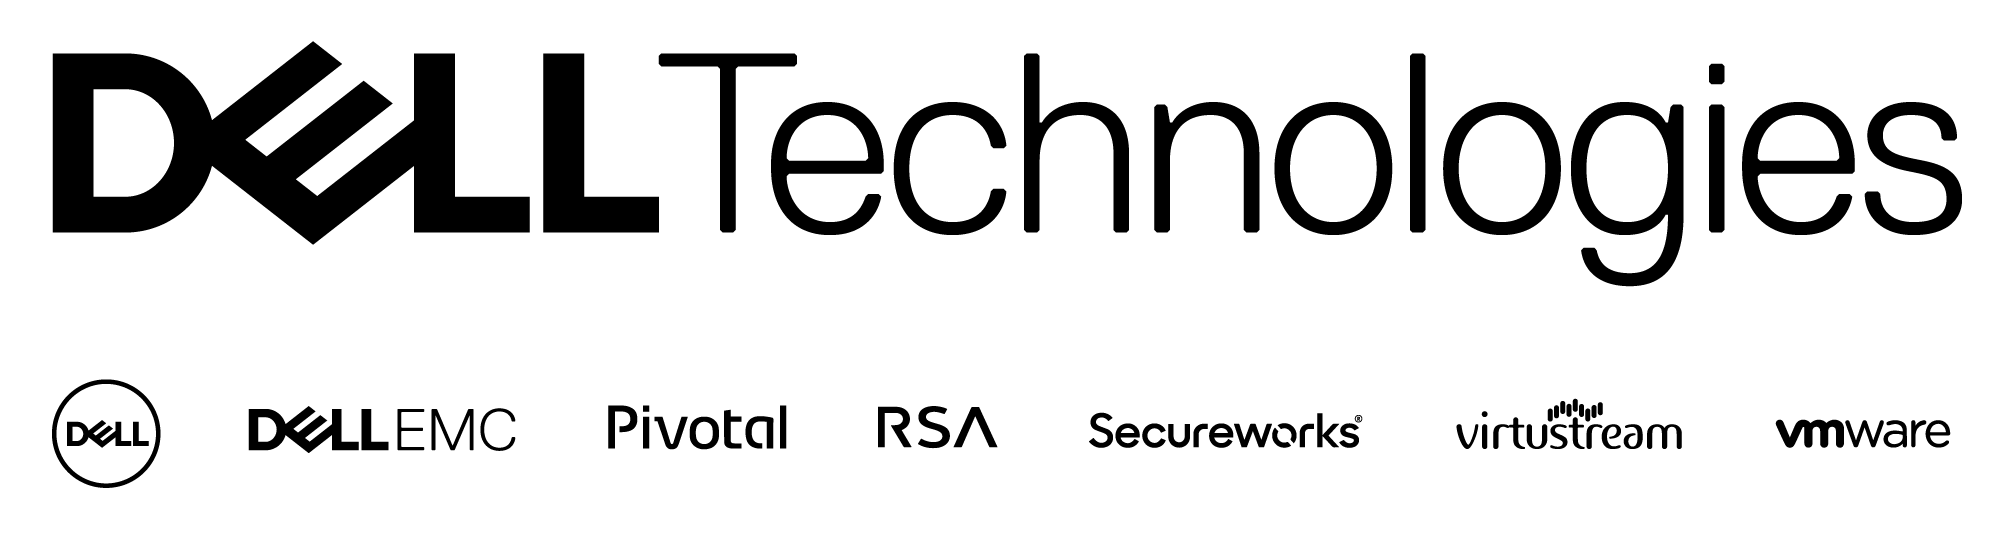 Dell_Tech_Lockup_Black